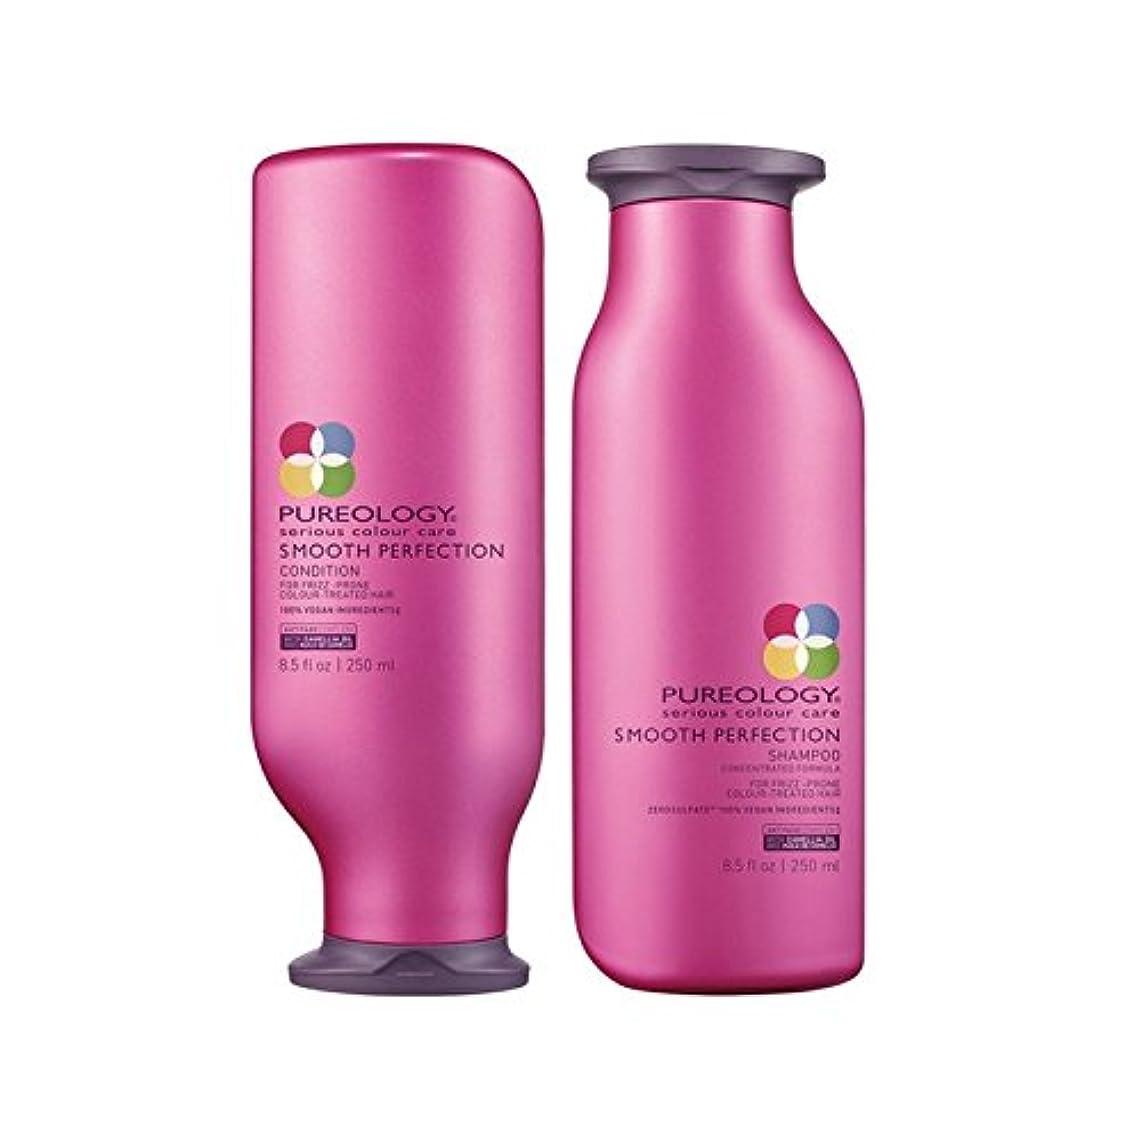 違反するカジュアル熟読するPureology Smooth Perfection Shampoo And Conditioner (250ml) - 平滑完璧シャンプー及びコンディショナー(250ミリリットル) [並行輸入品]